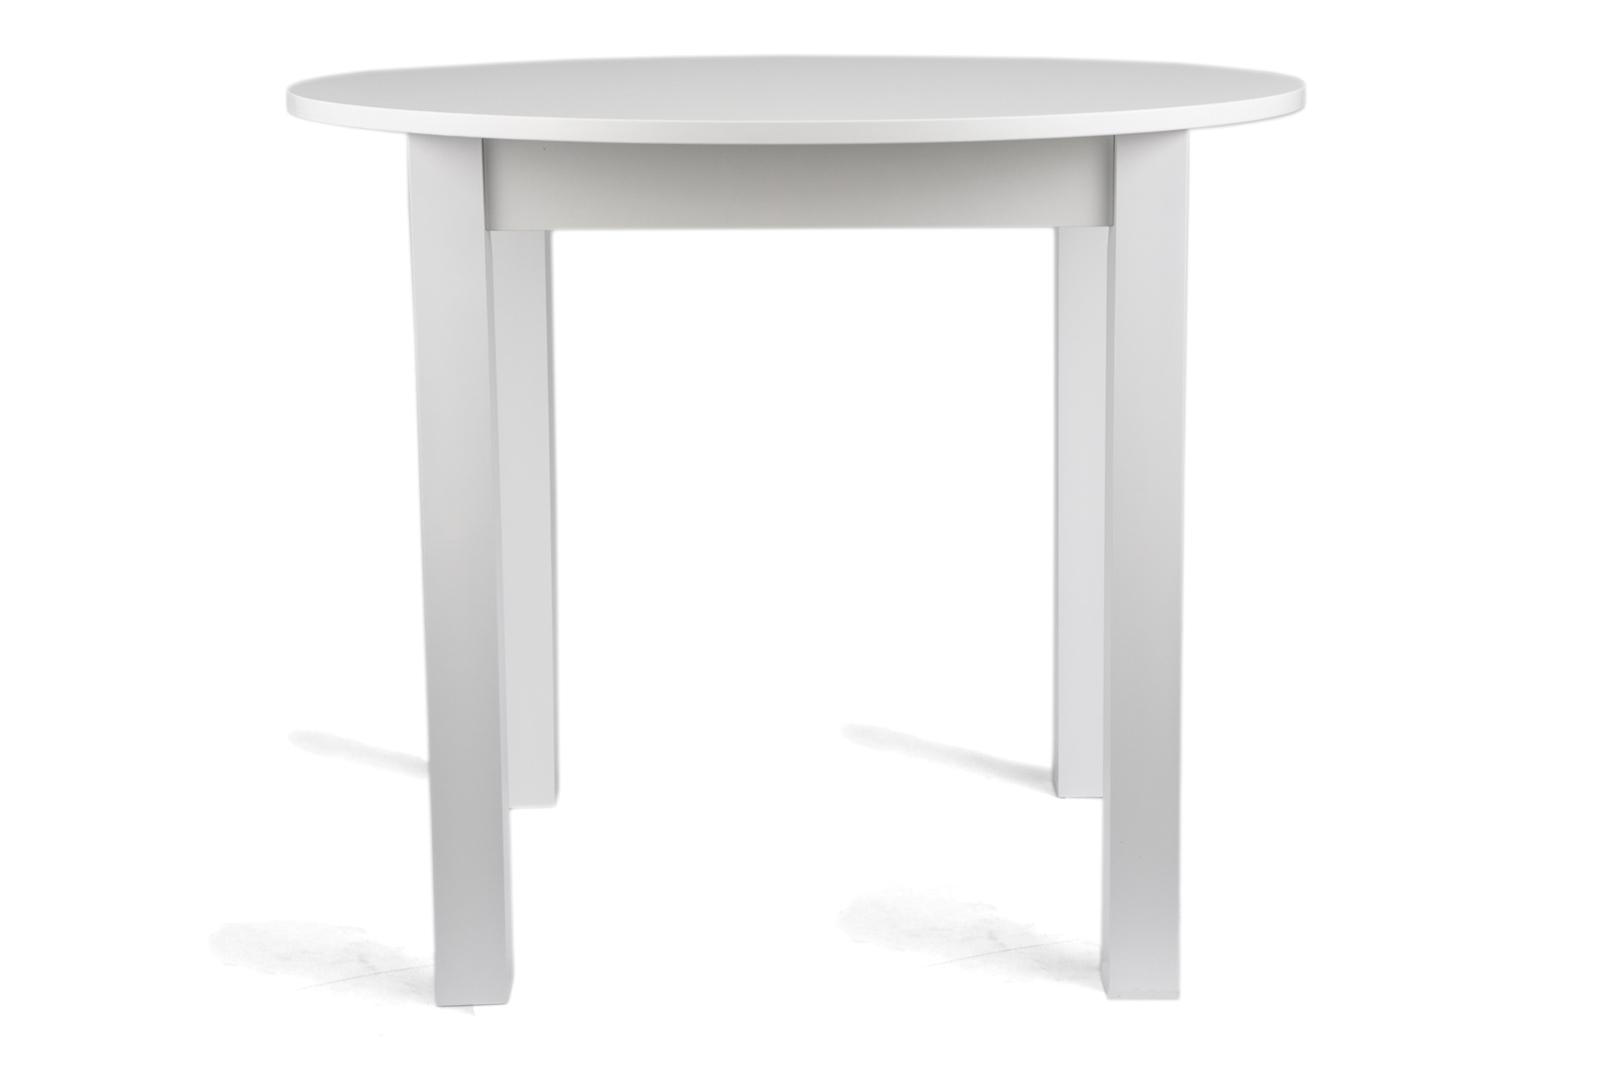 Stół okrągły śr. 80cm lub 90cm Stół Plus Krzesła